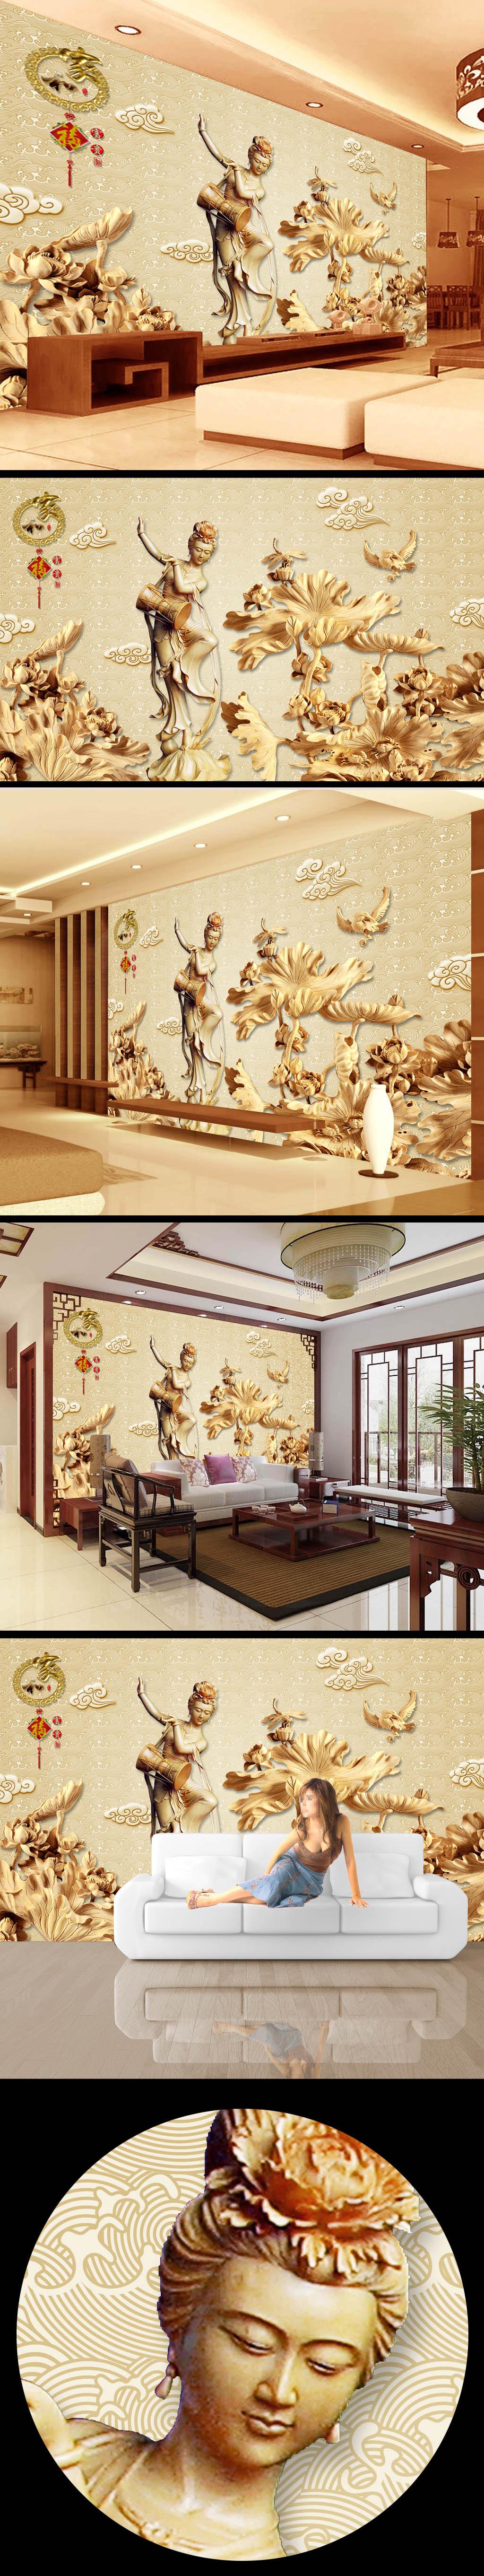 雕刻 雕塑 木雕 电视墙 国画 中国画 3d立体 电视背景墙 荷叶 沙发背